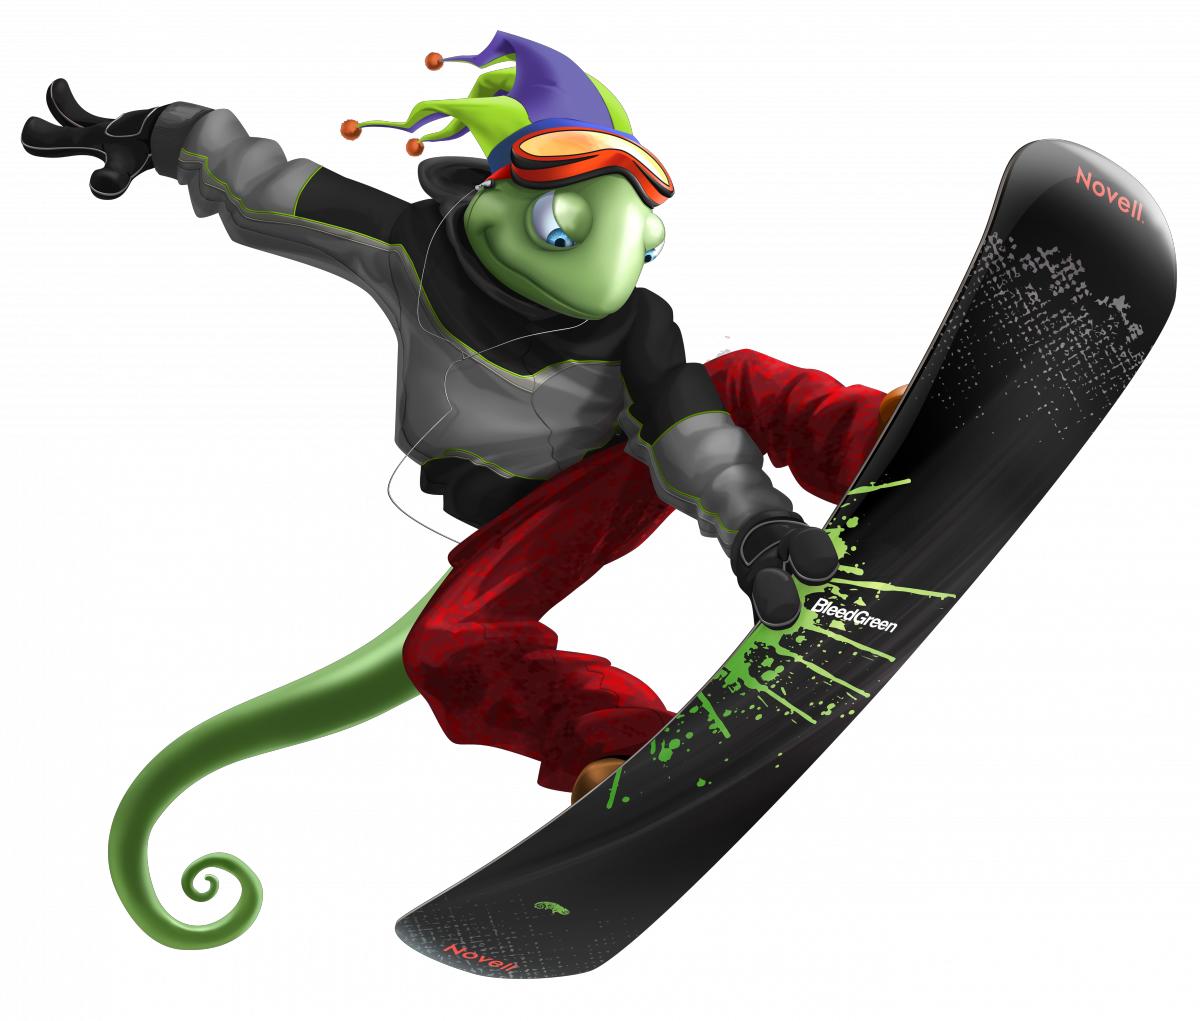 ящерица сноубордист скачать фото, обои для рабочего стола, snowboard wallpaper